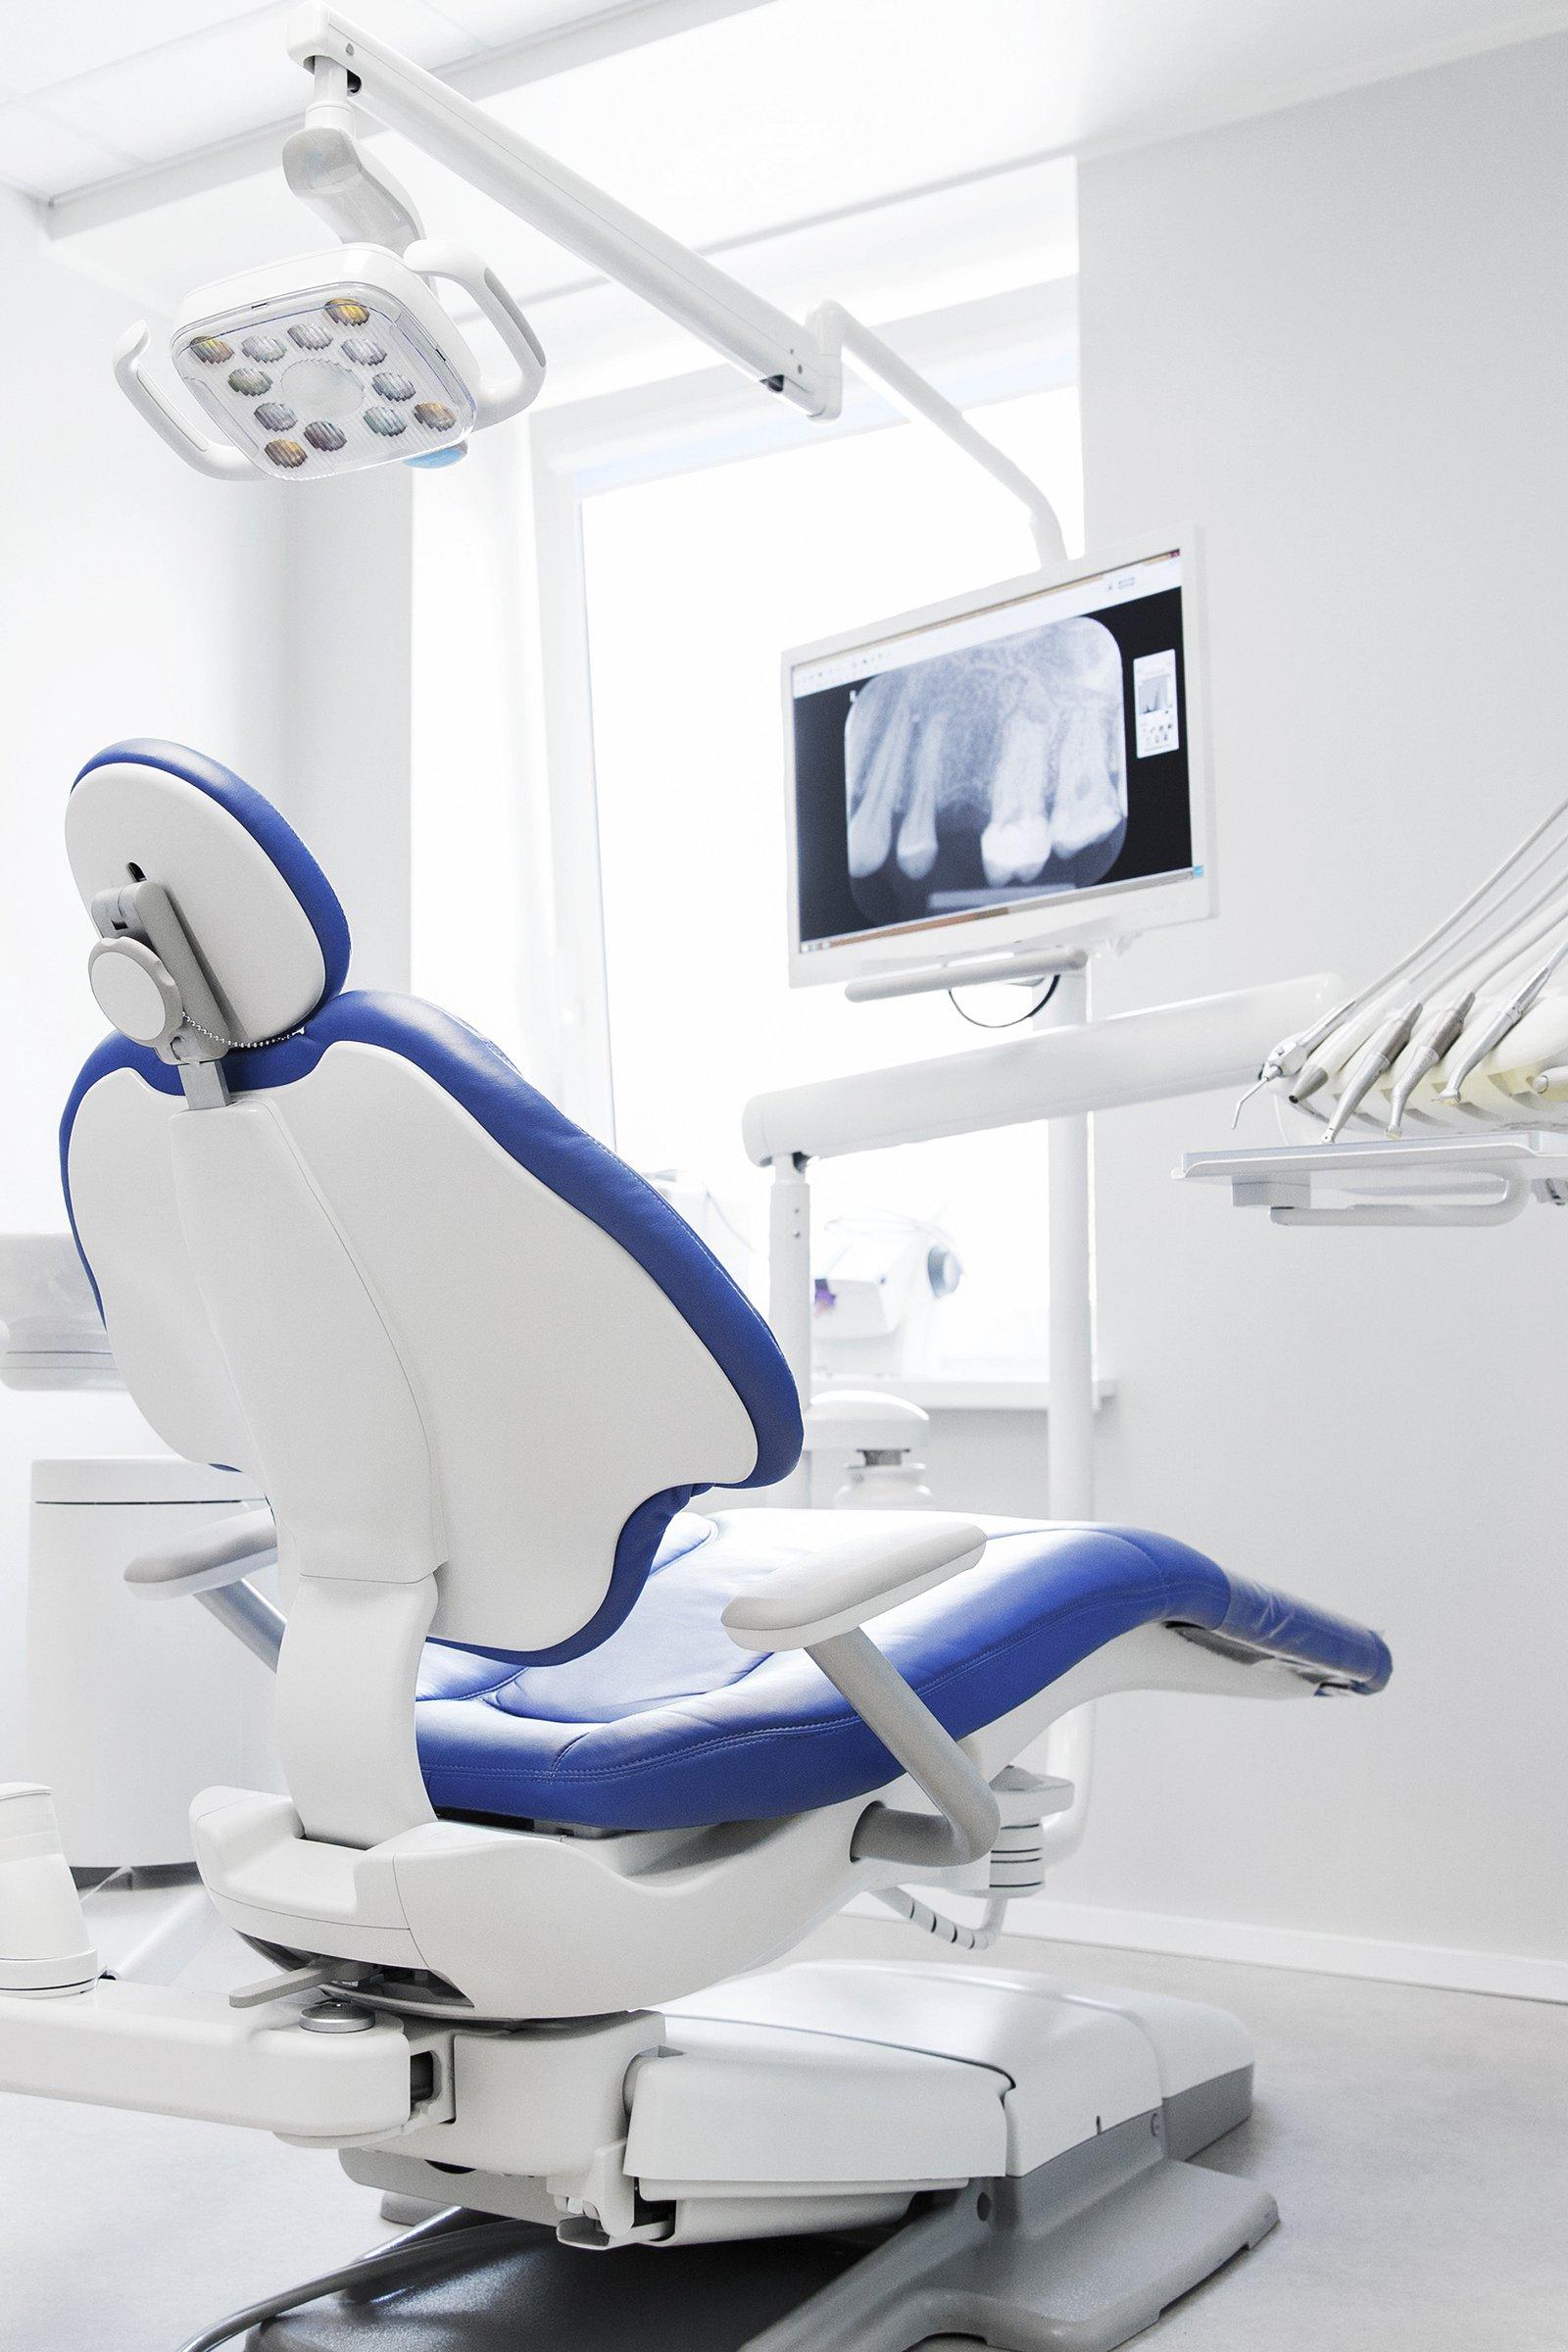 Dental clinic near me